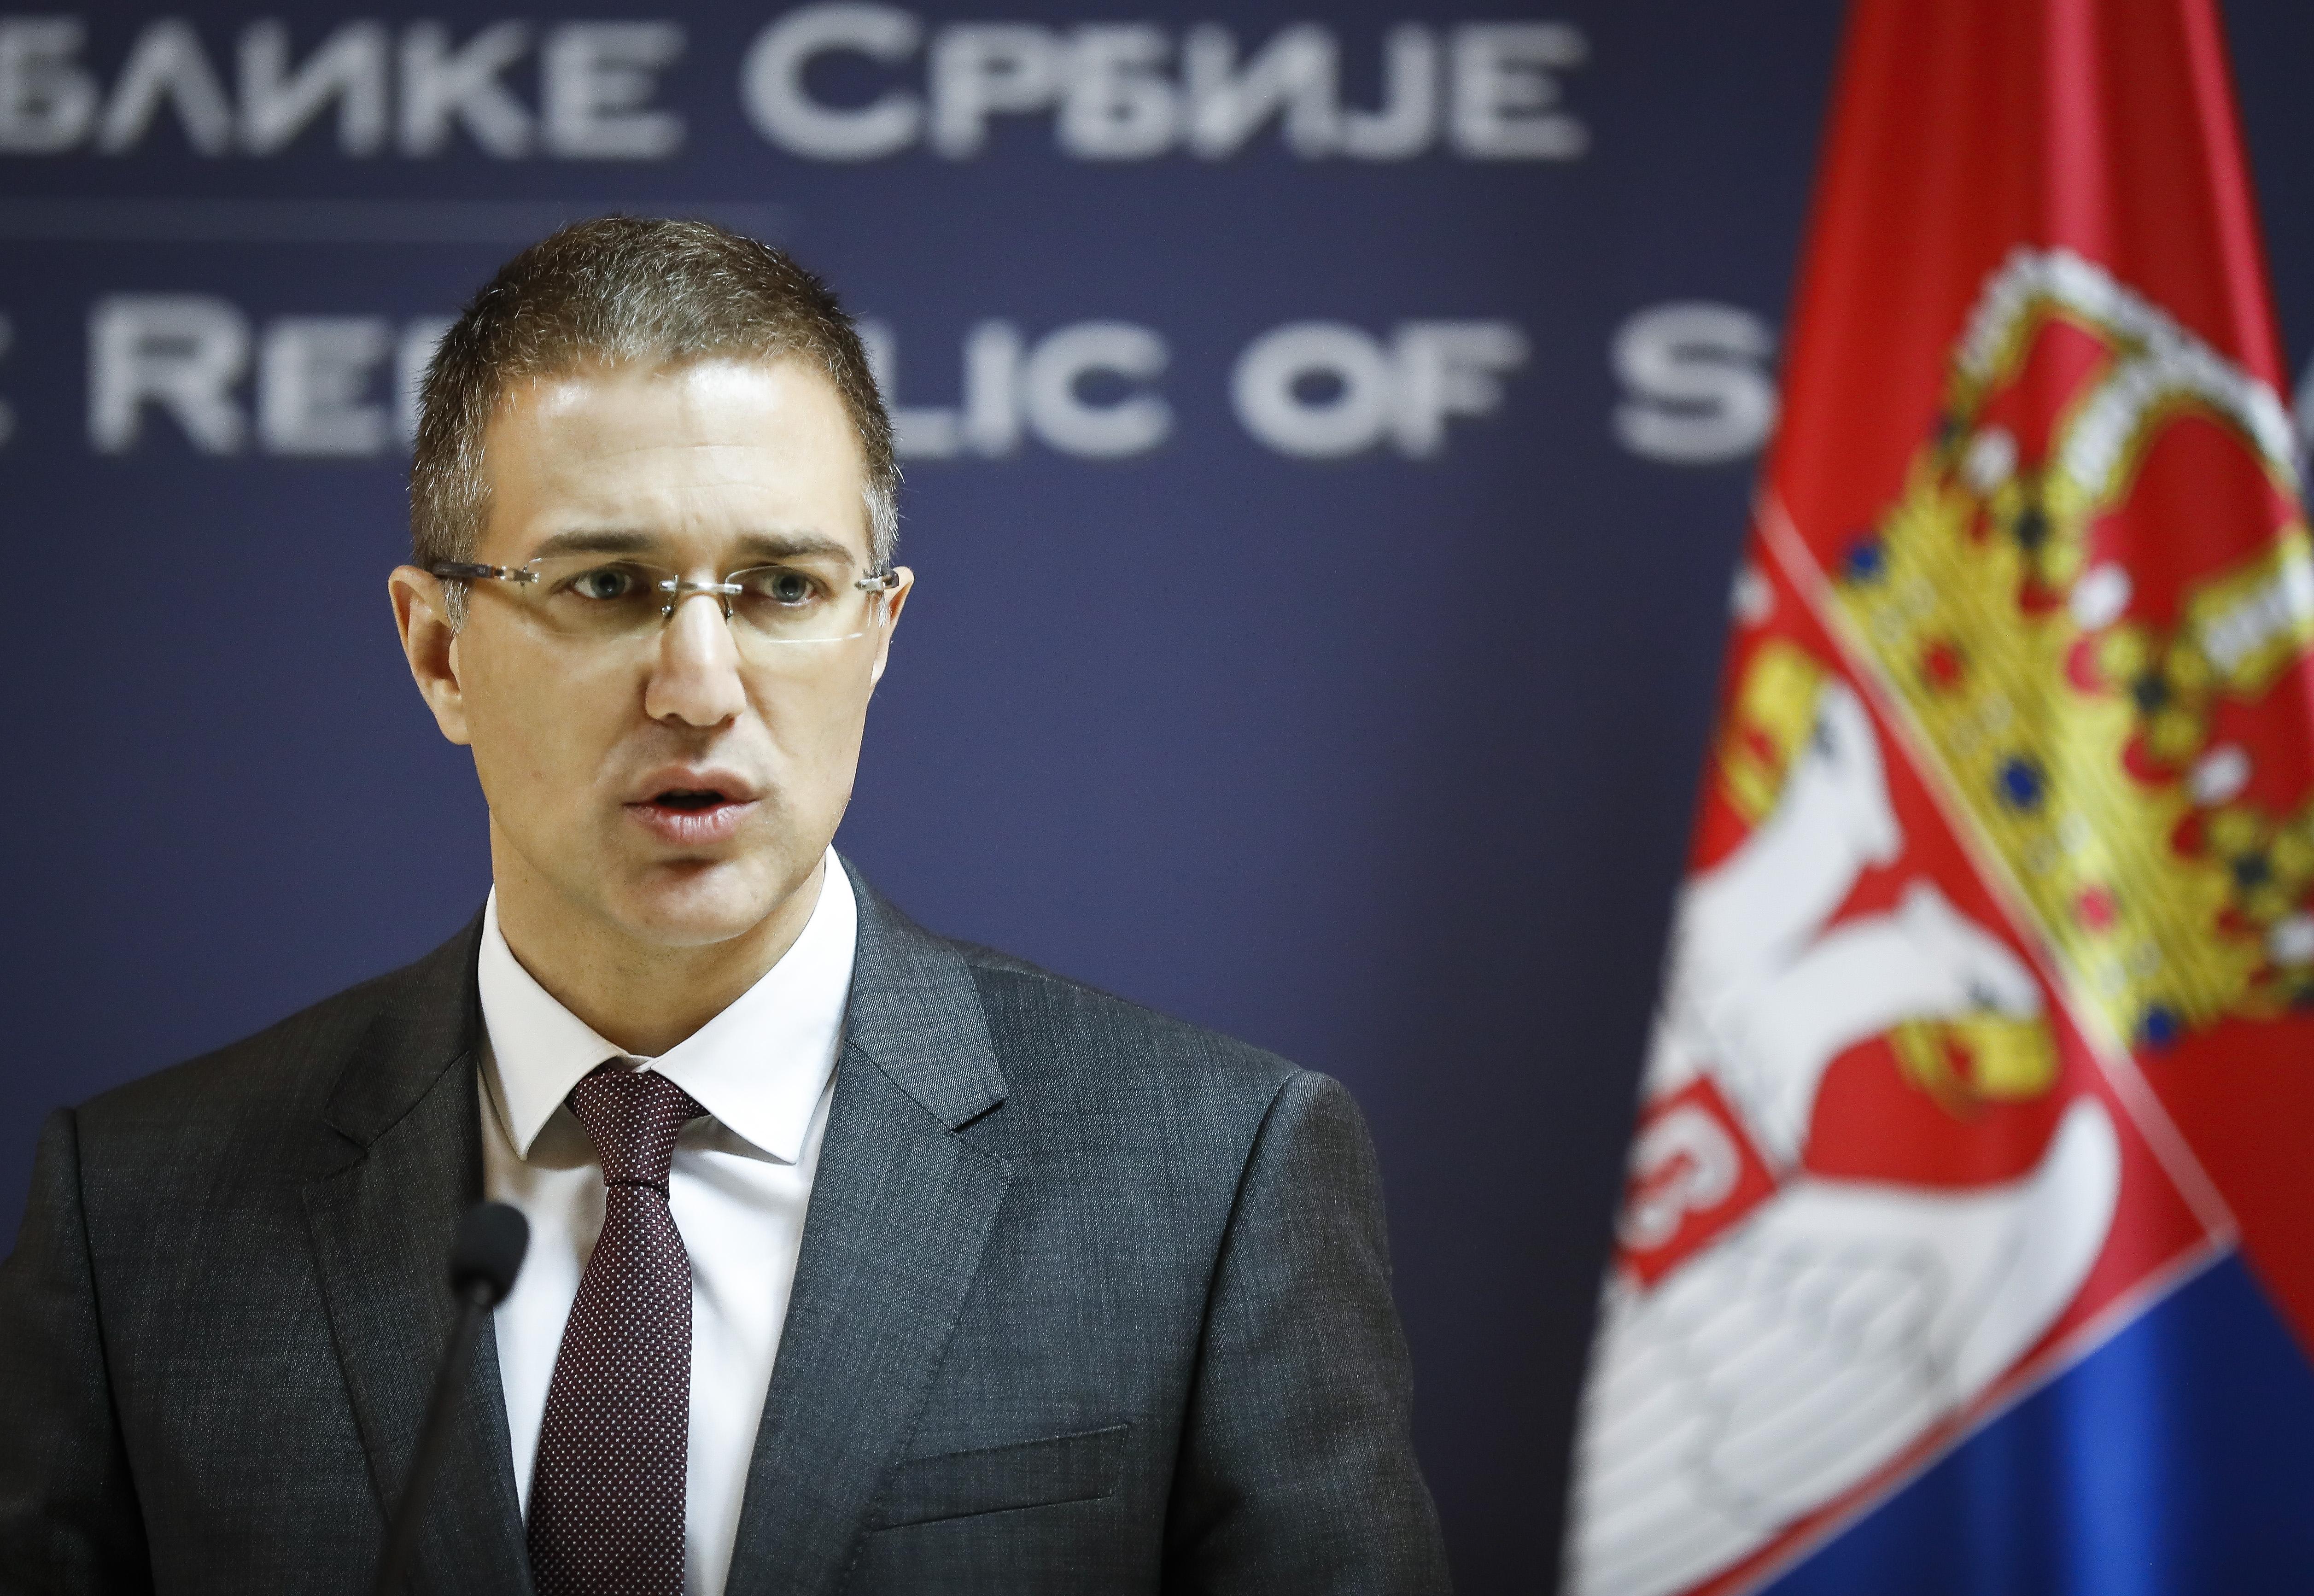 A szerb kormány jelezte, befogadnak annyi menekültet, amennyit az EU kvótái előírnak